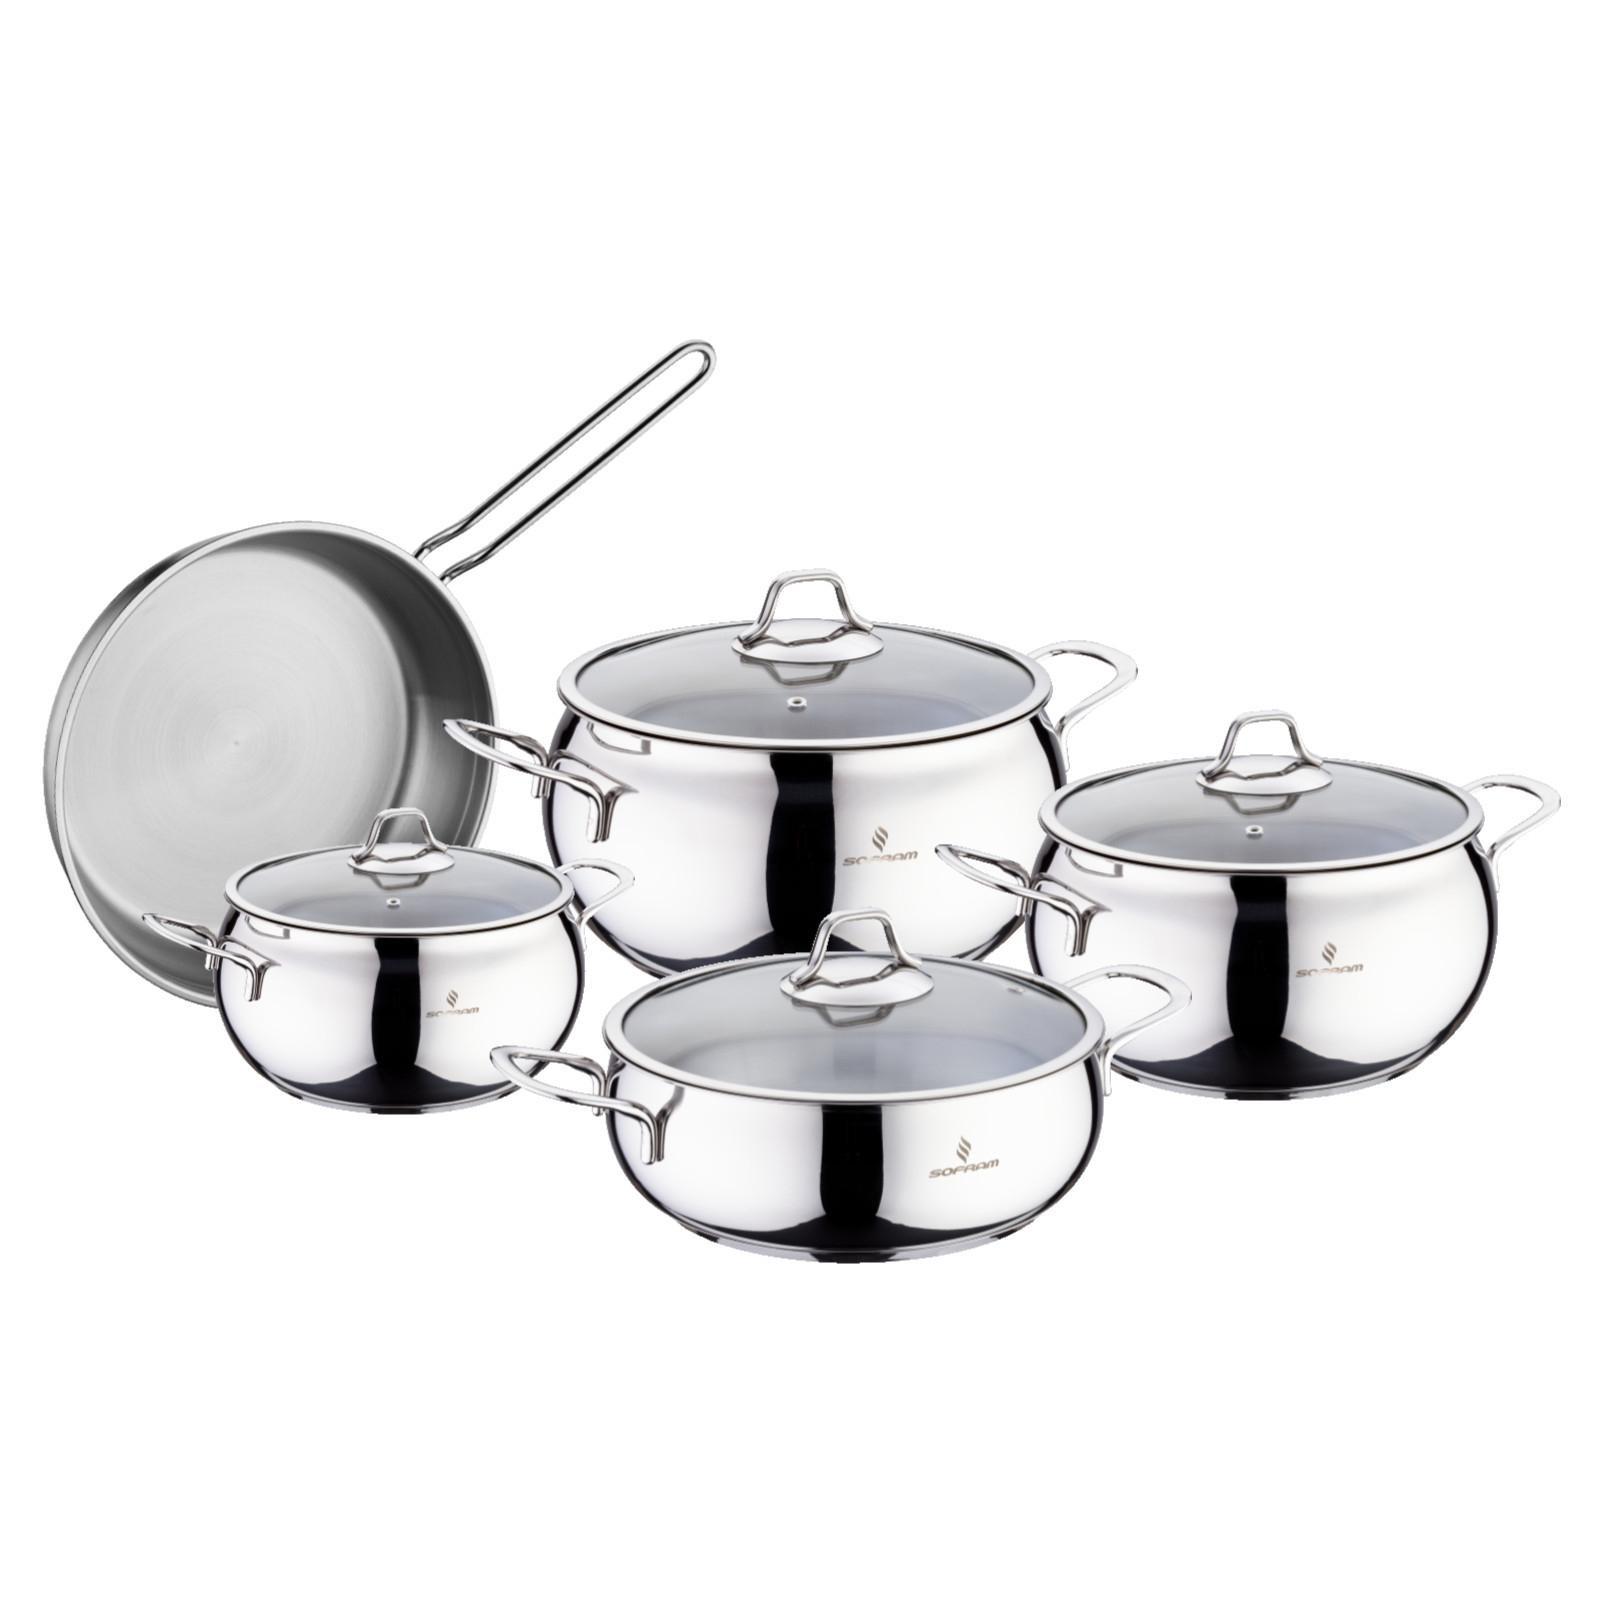 Sofram LUNA 9 Pieces Cookware Set